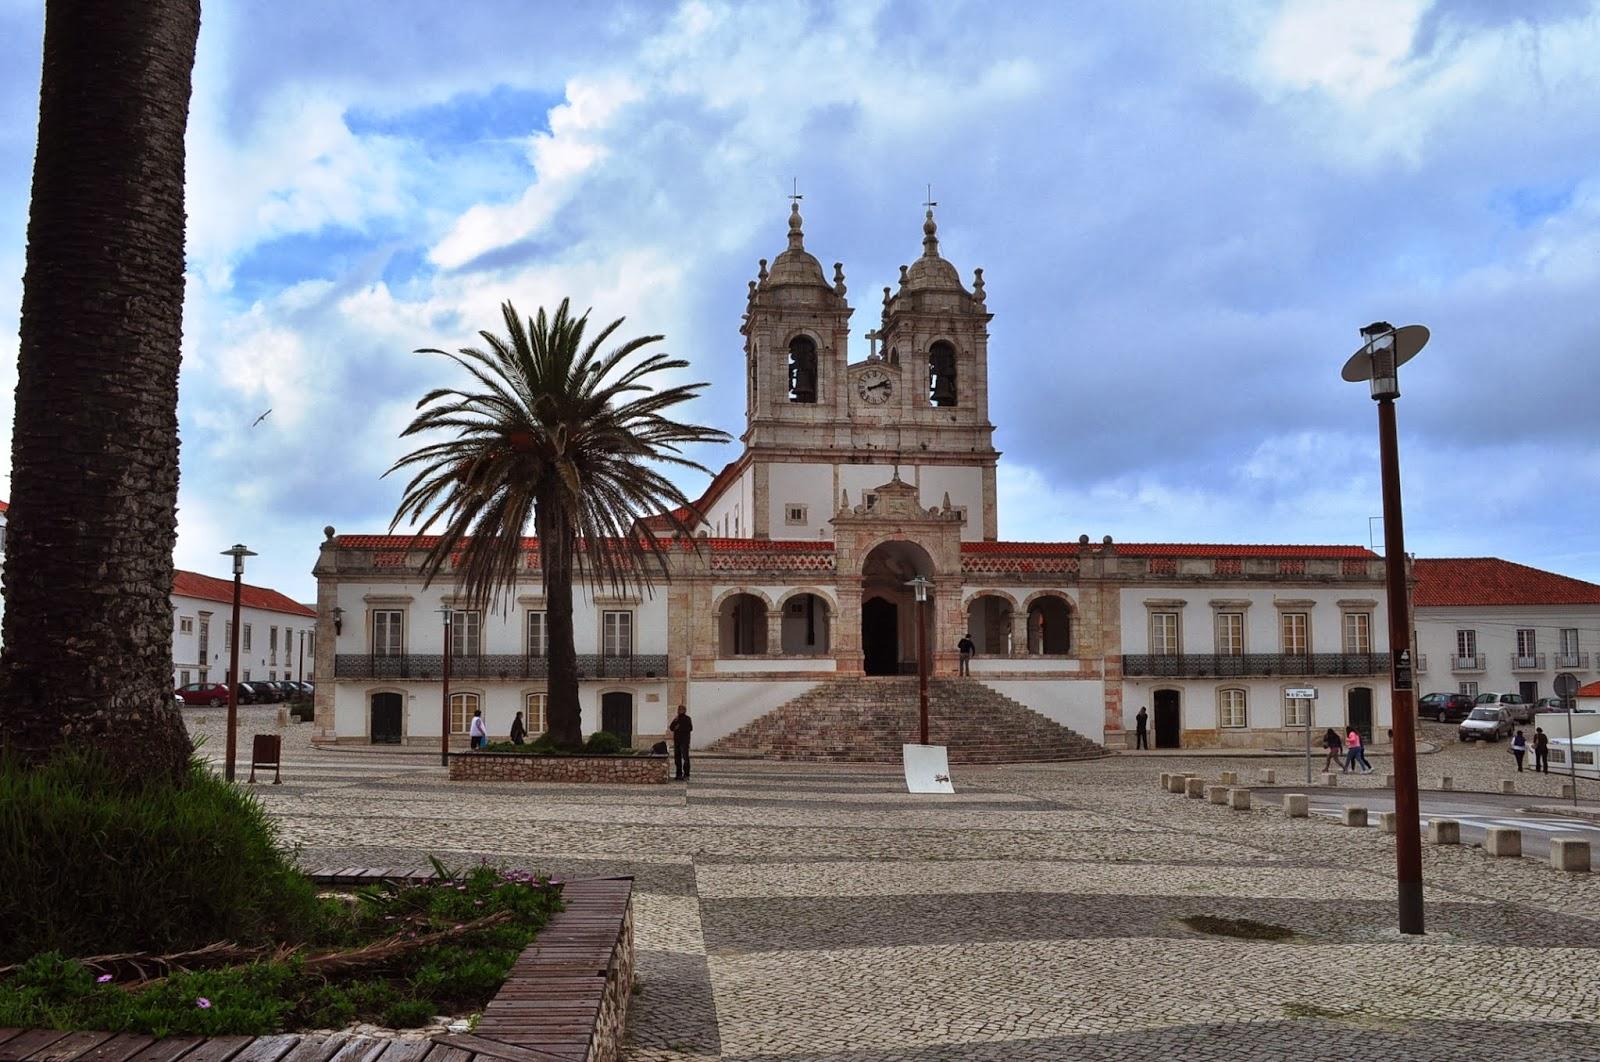 Мястото е свято за католиците. В бароковата му църква се съхранява поредната чудотворна икона на Дева Мария.